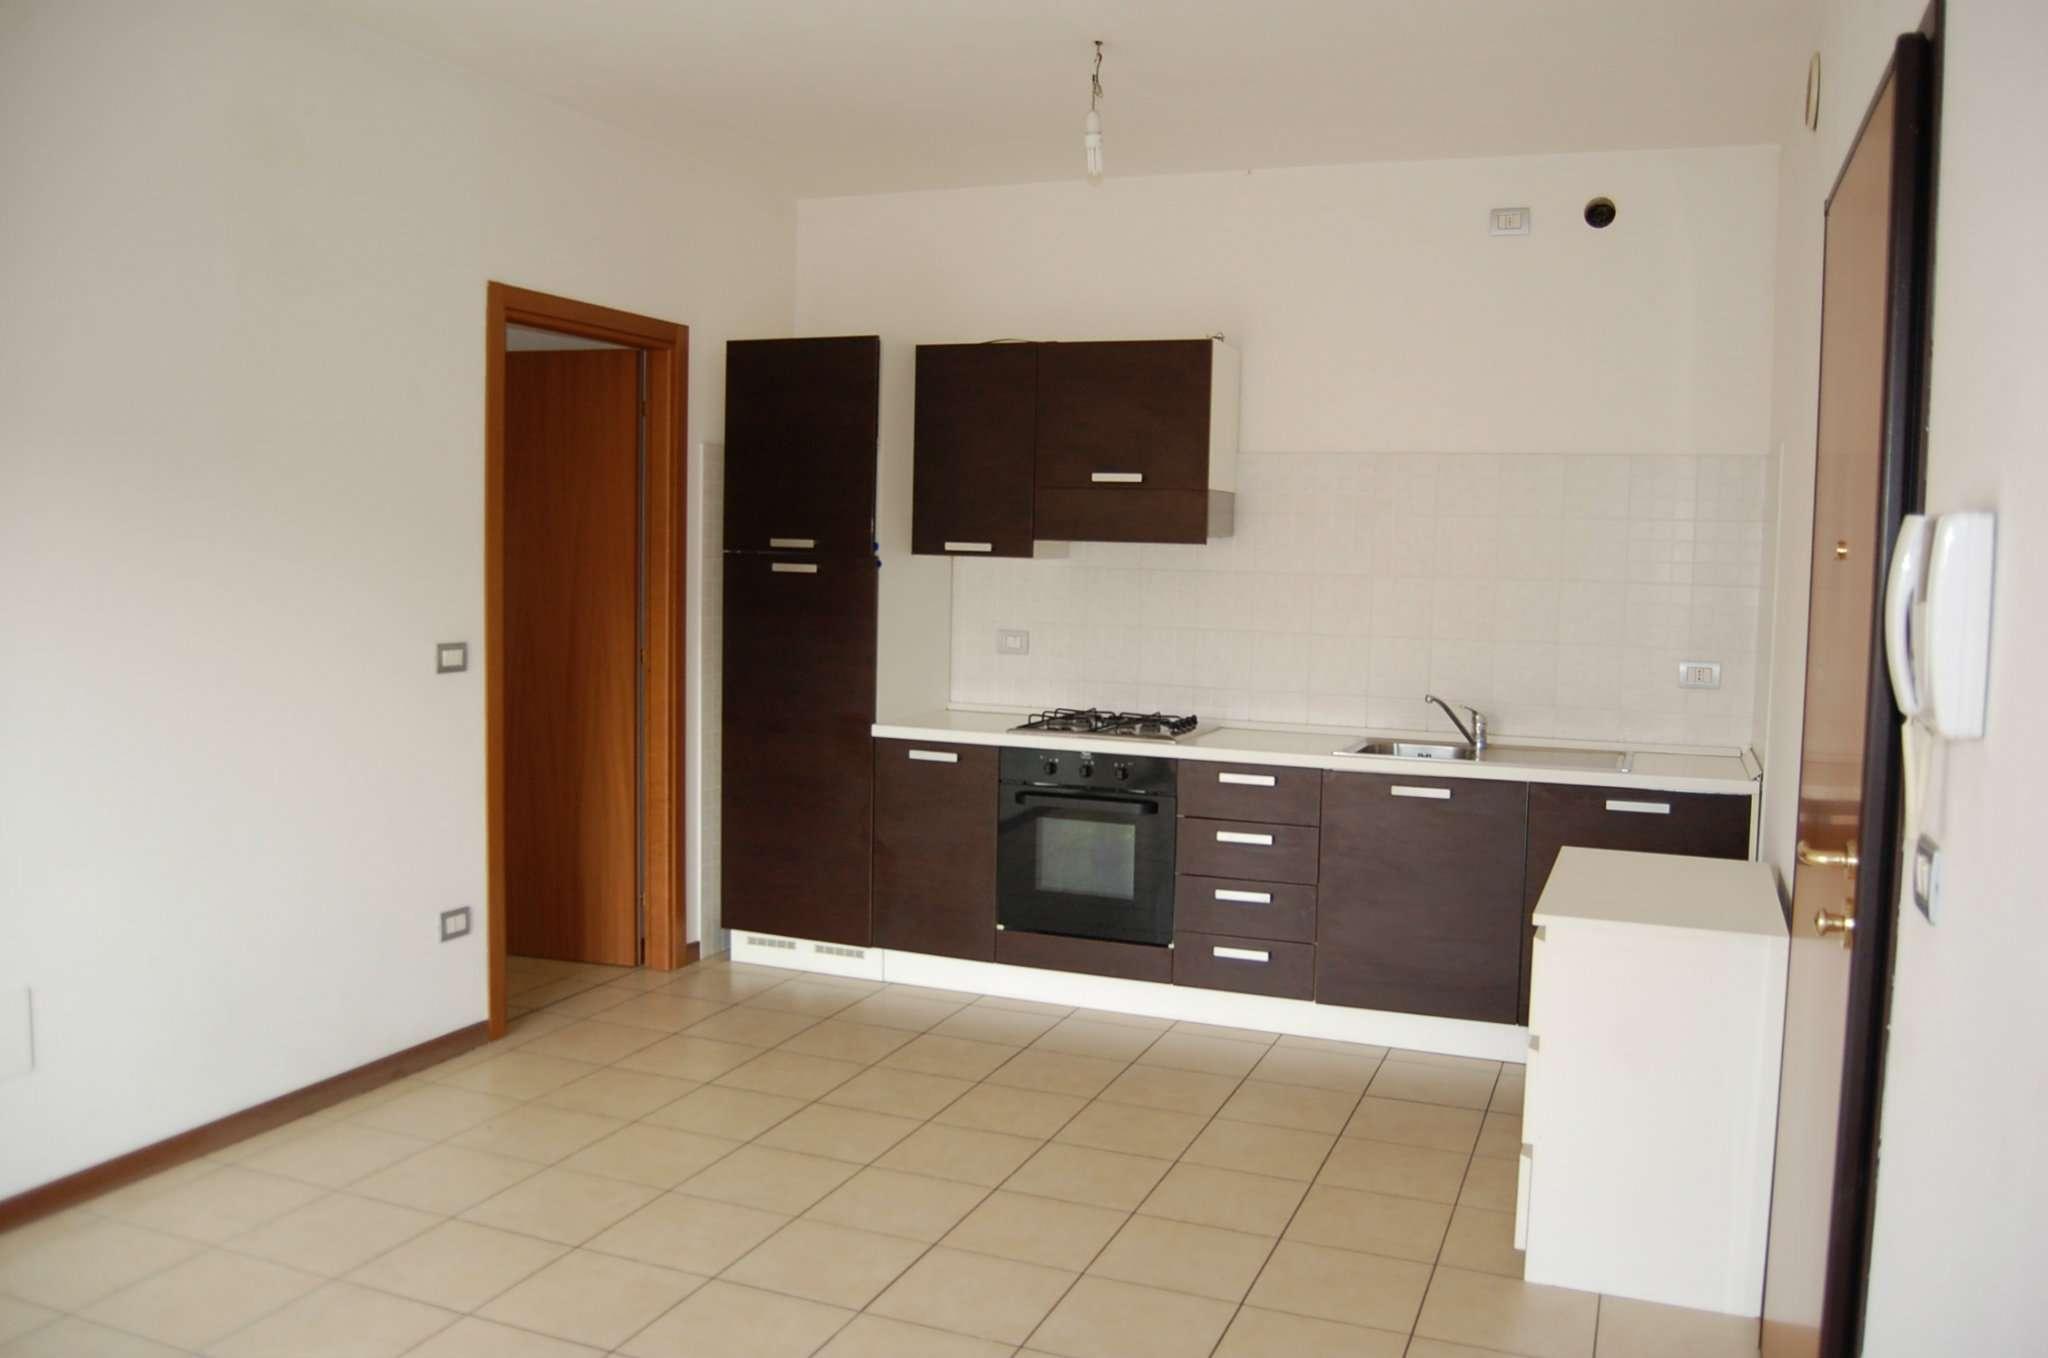 Appartamento in vendita a Imola, 2 locali, prezzo € 134.000   Cambio Casa.it